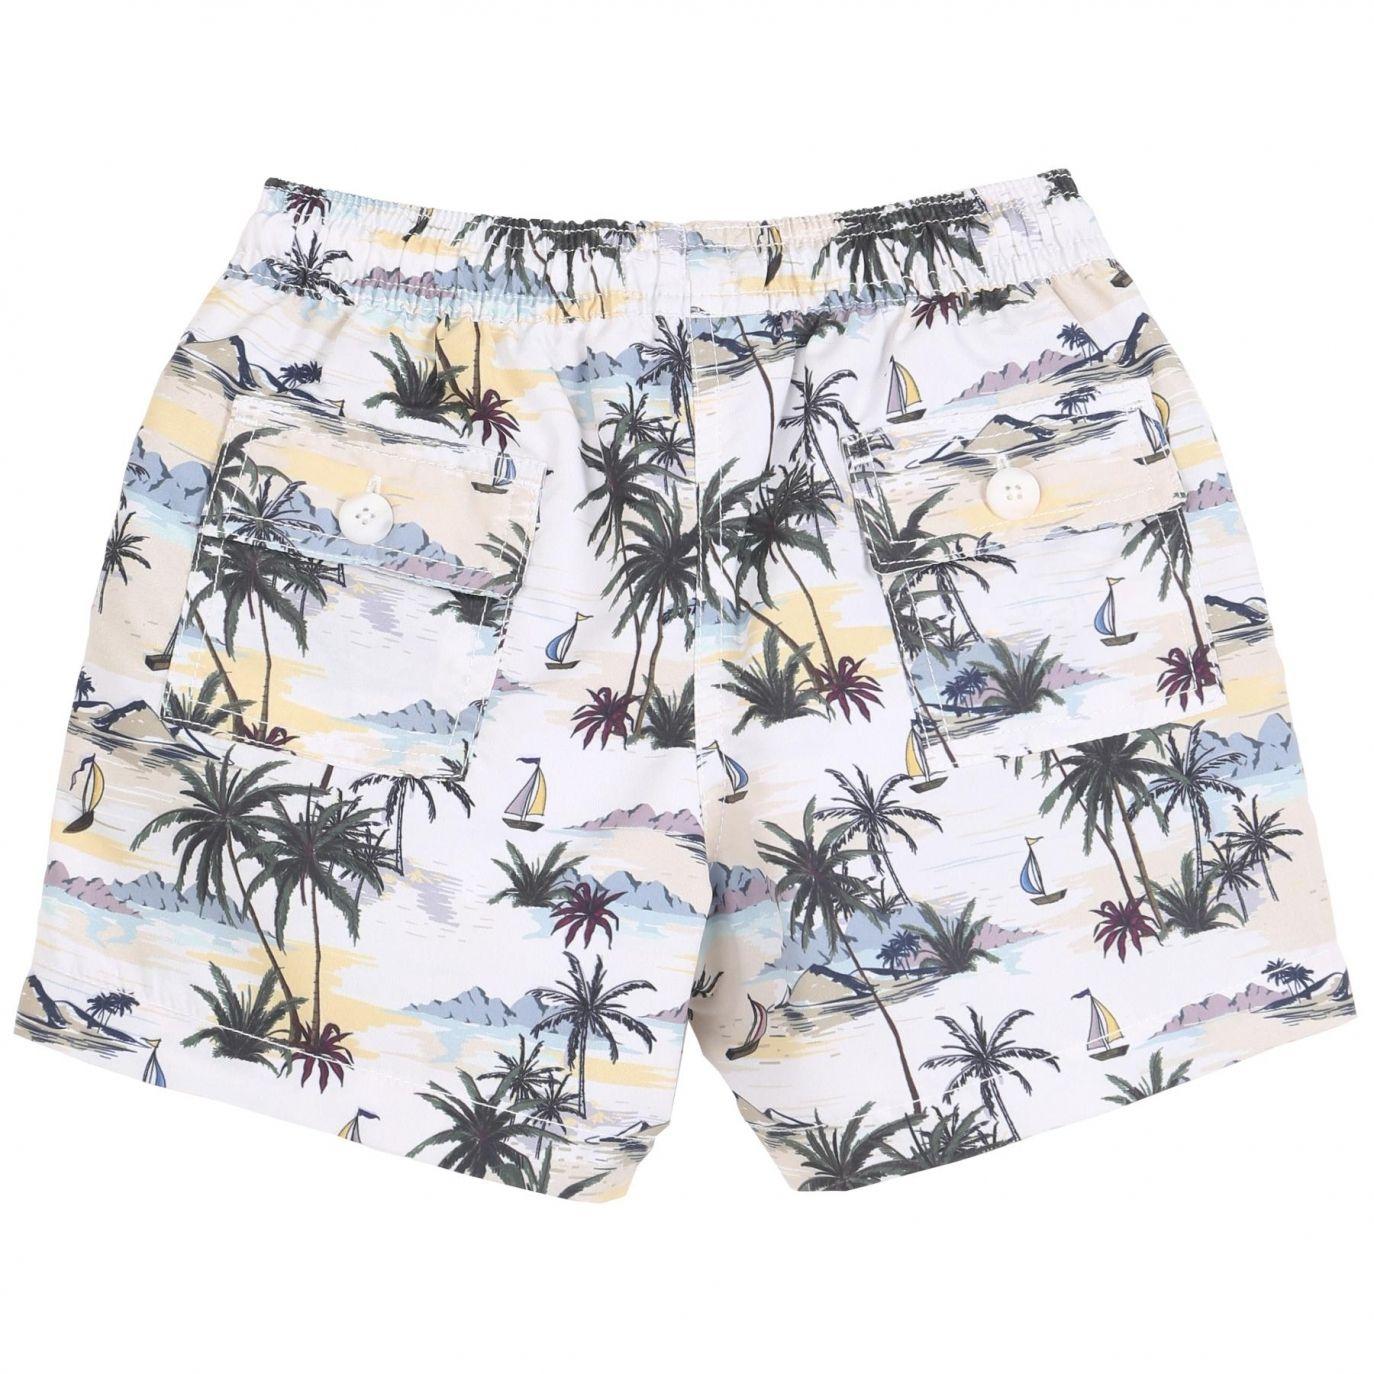 Emile et Ida - Swim Shorts Haiwai white - 1